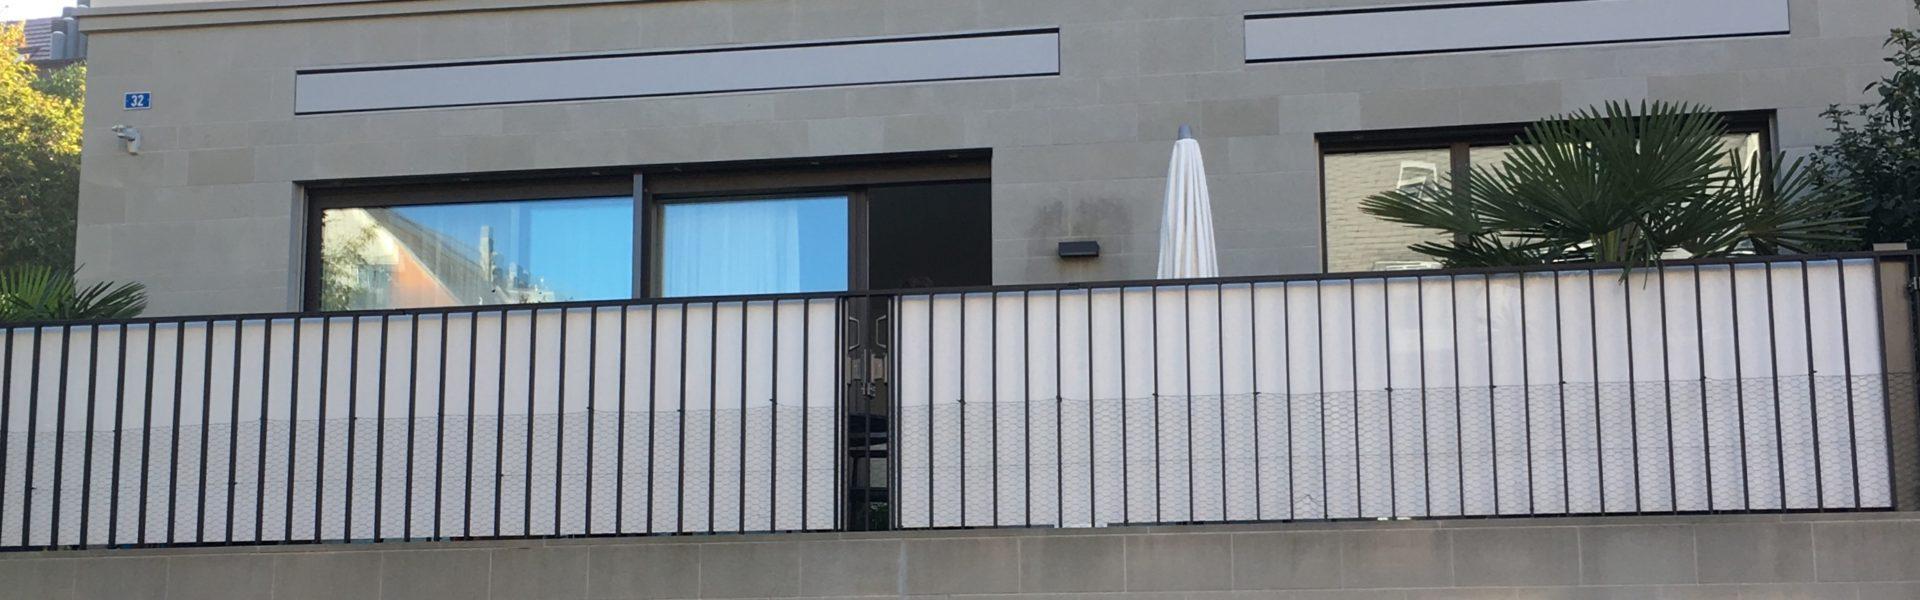 ombra Balkonschutz für Windschutz und Sichtschutz